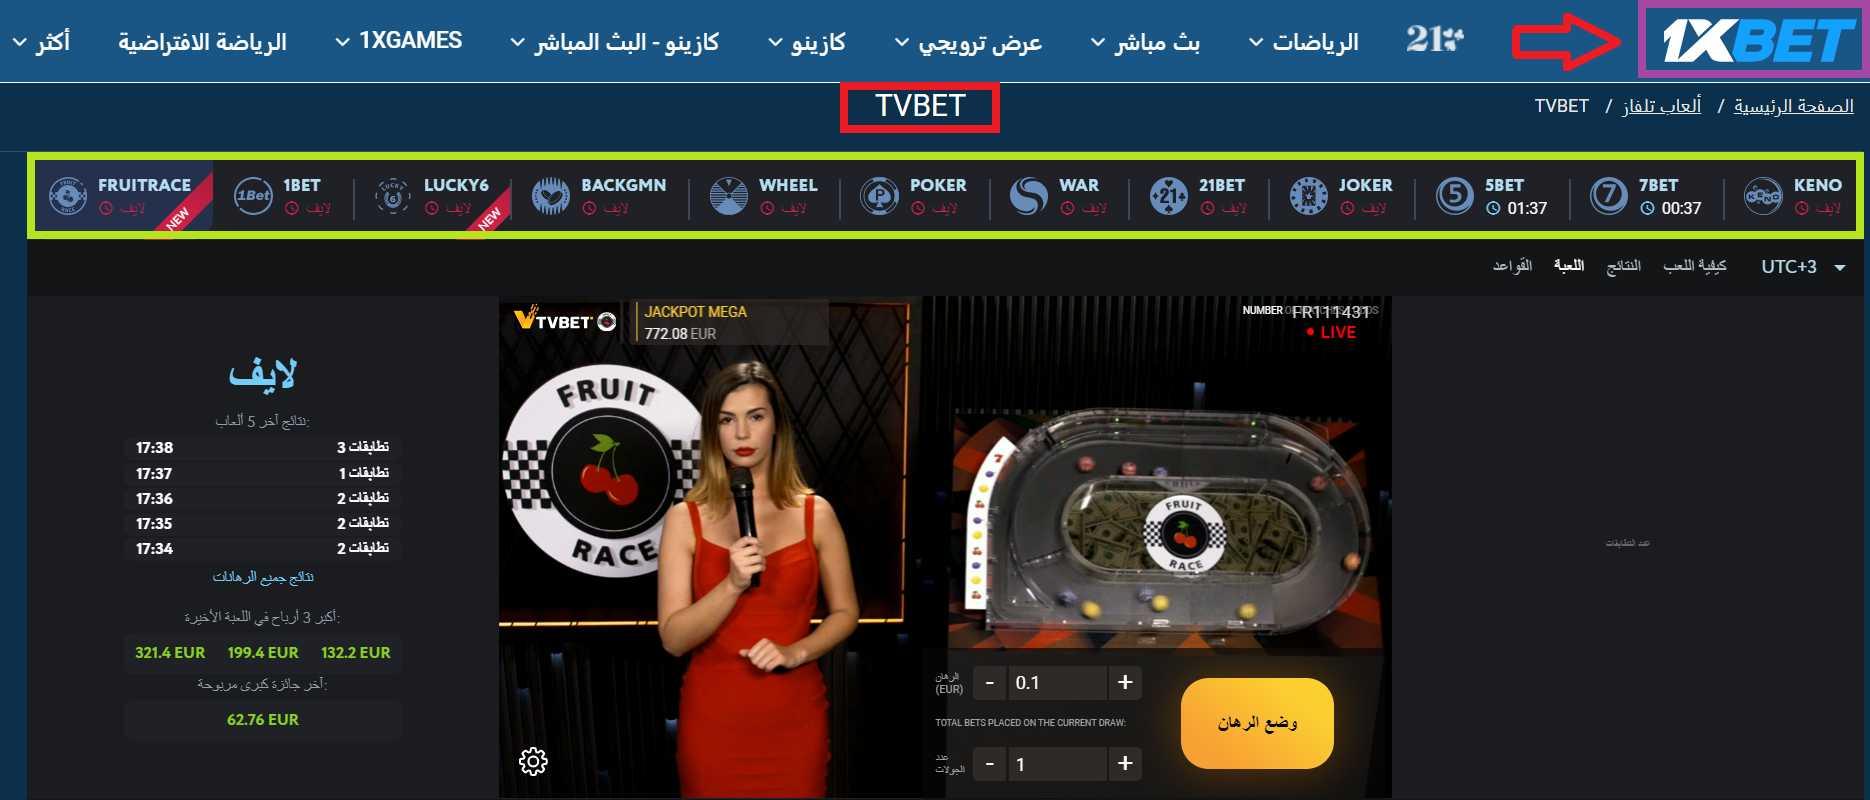 هل حصلت على 1xBet الرمز الترويجي في تونس؟ كيفية استعمال الرمز الترويجي